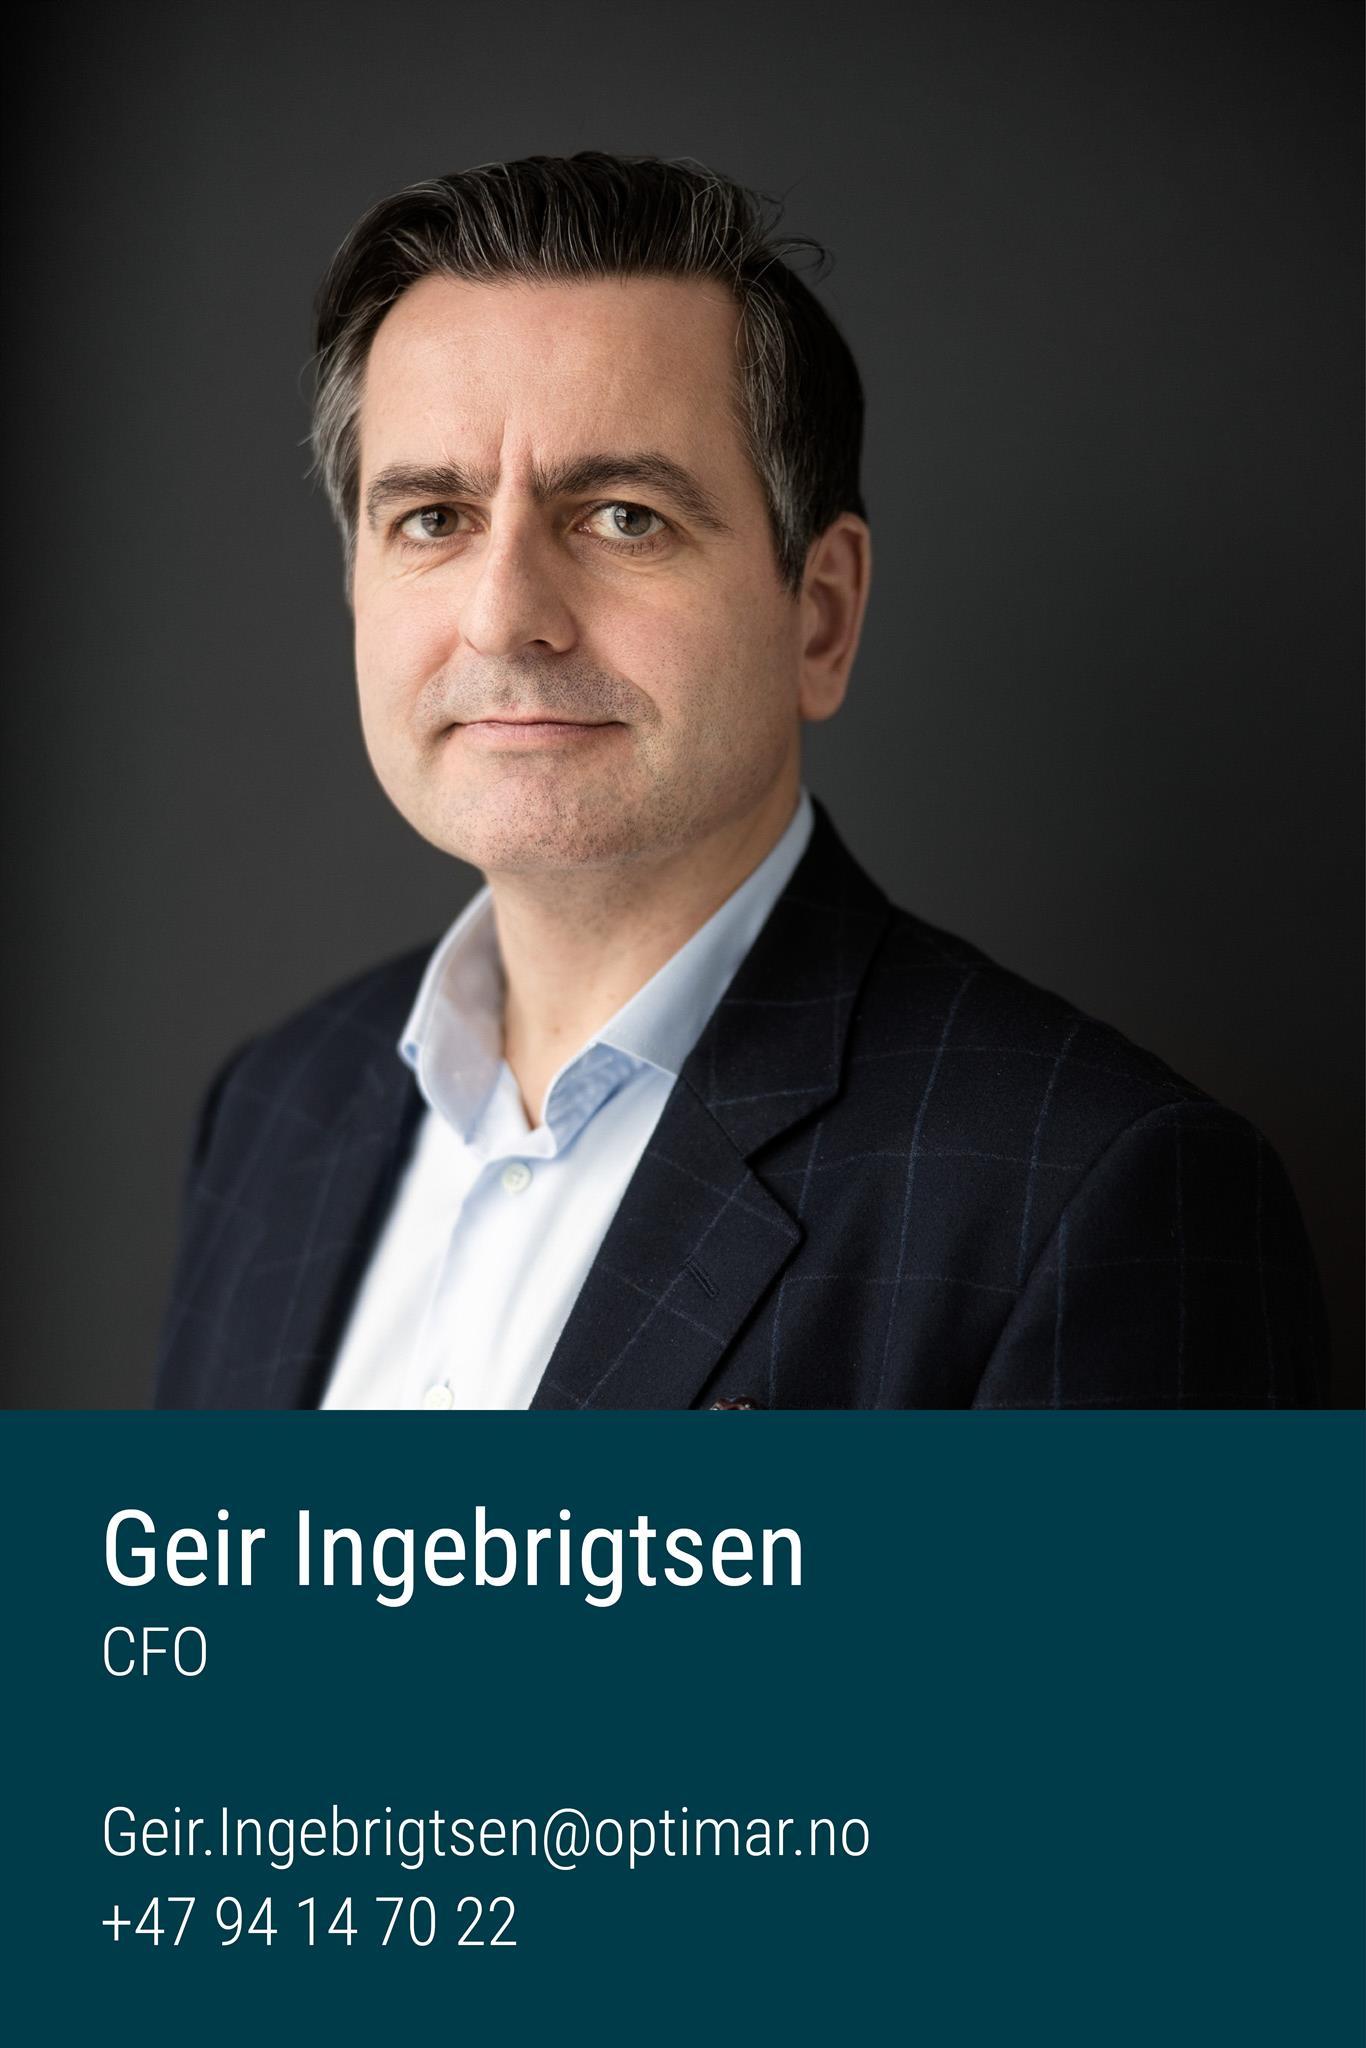 Geir Ingebrigtsen